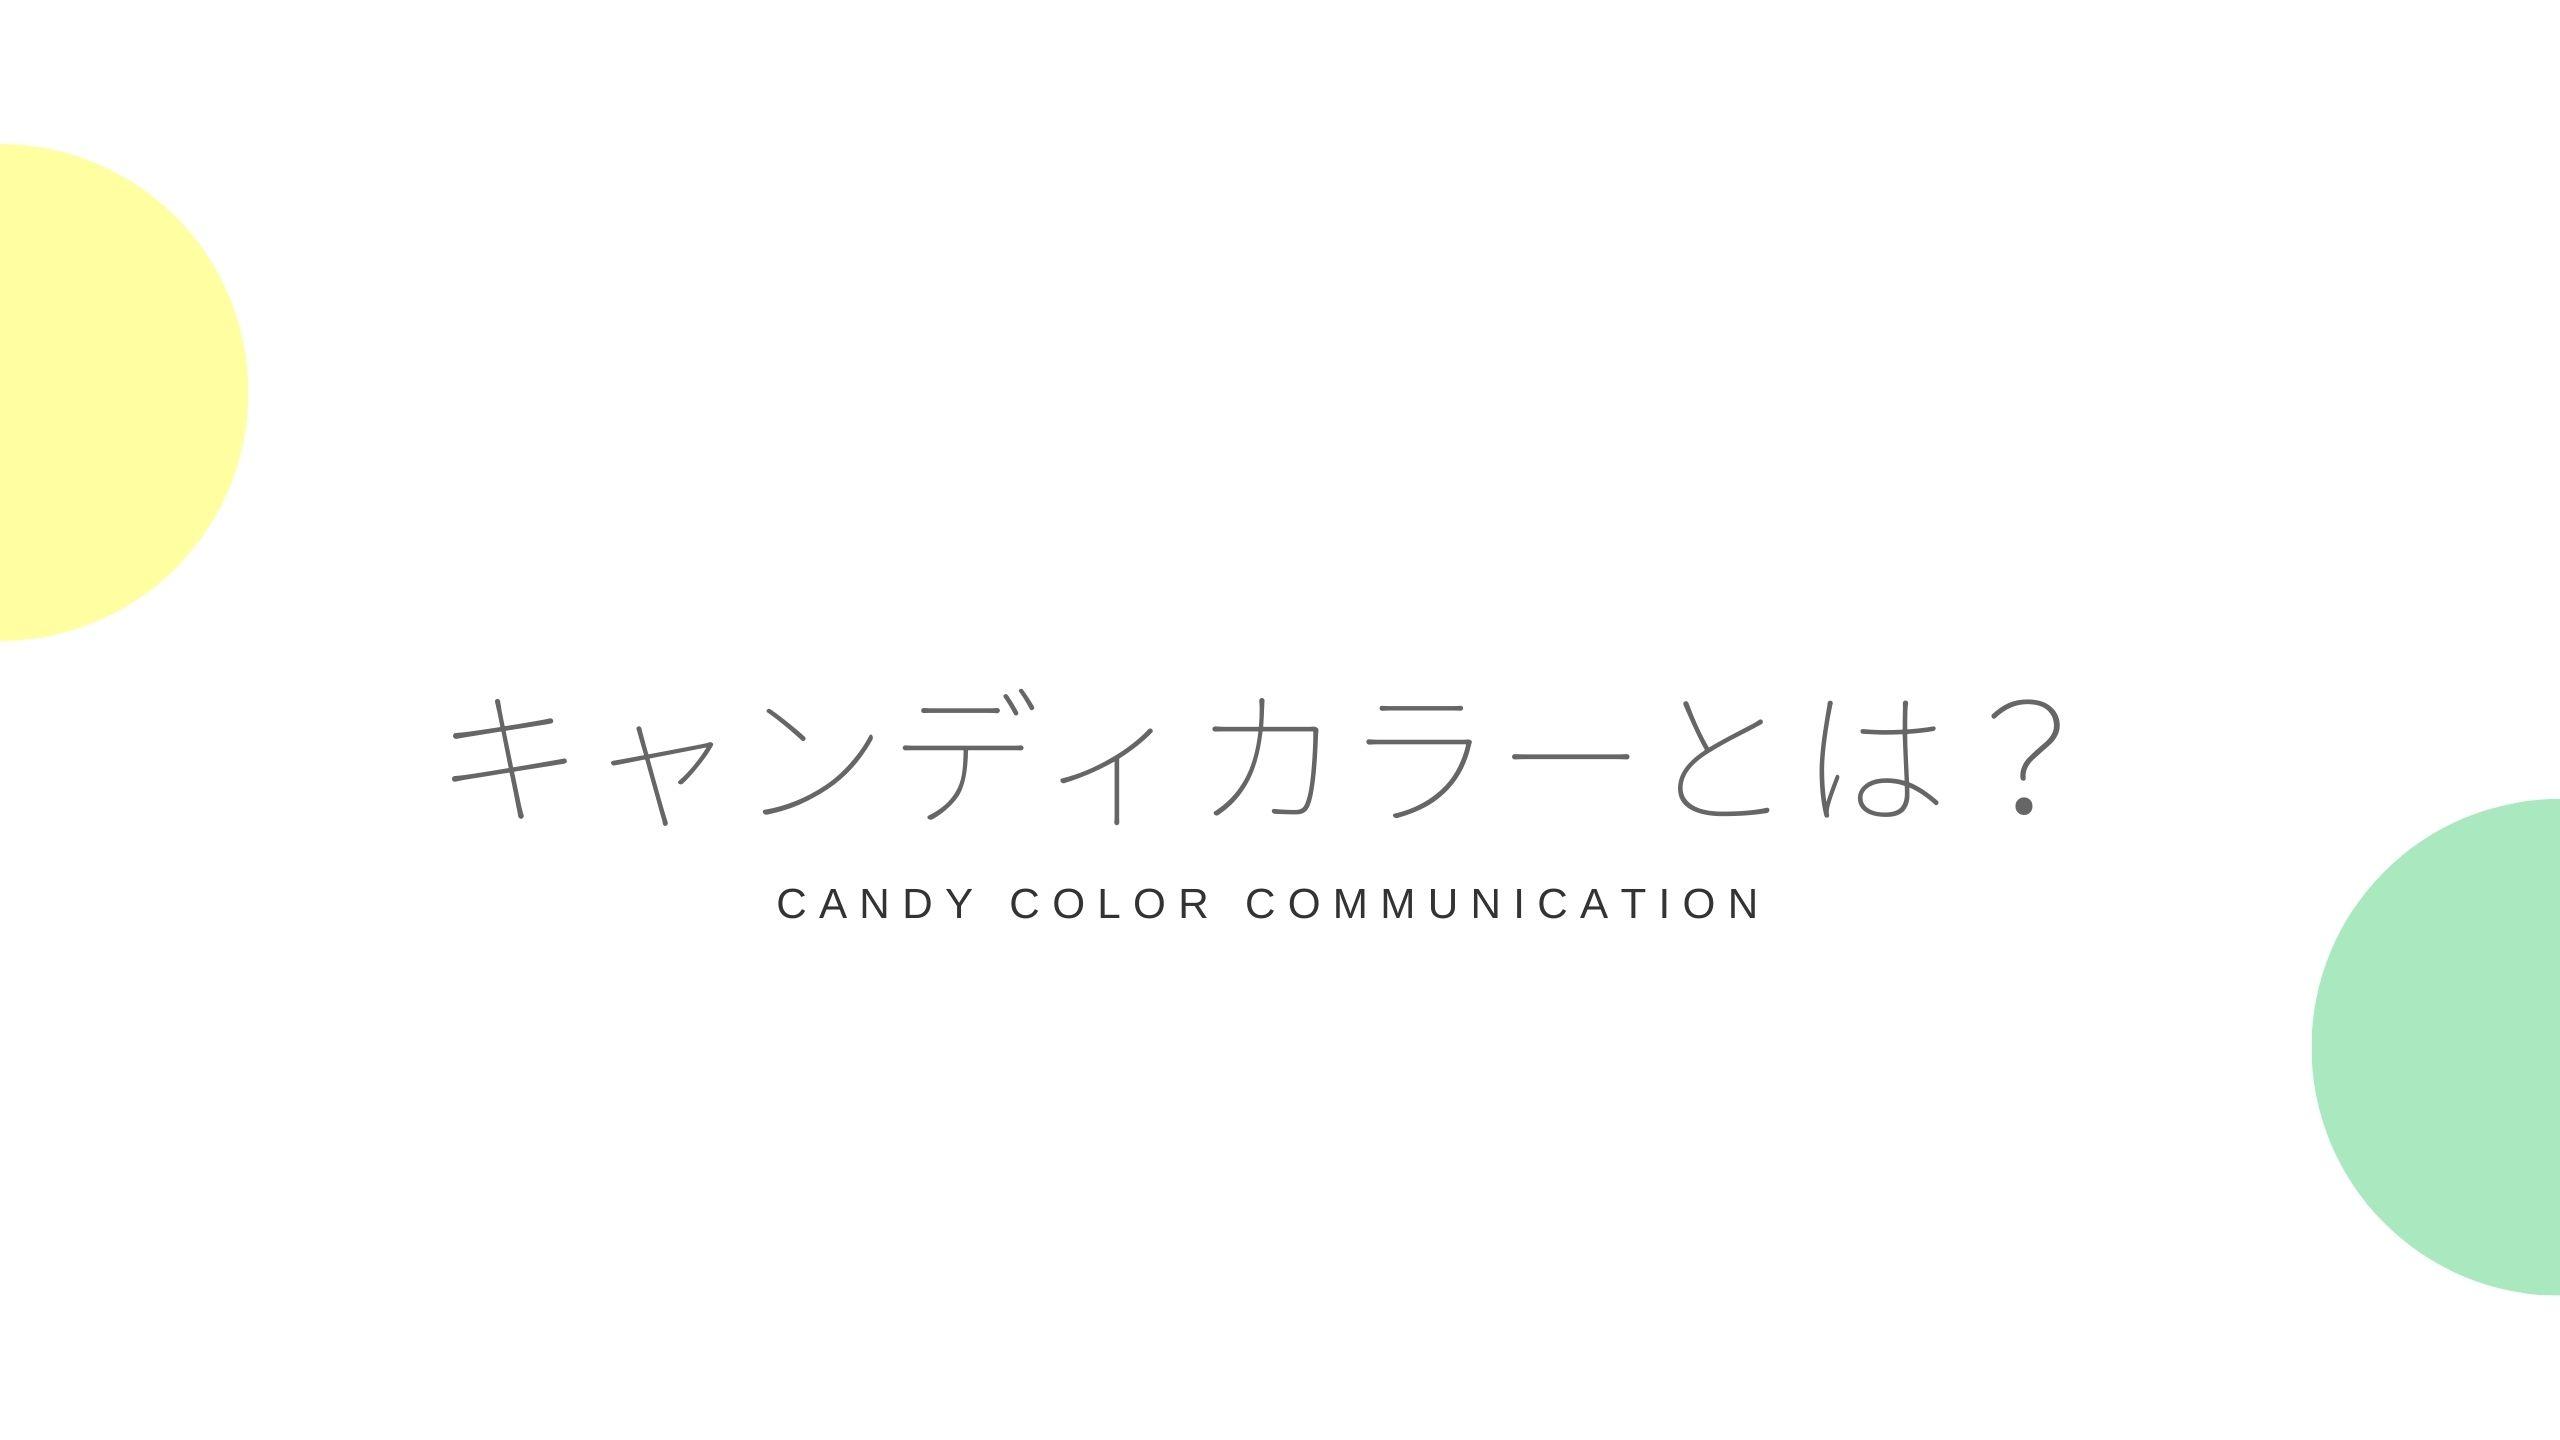 キャンディカラーコミュニケーションについての説明